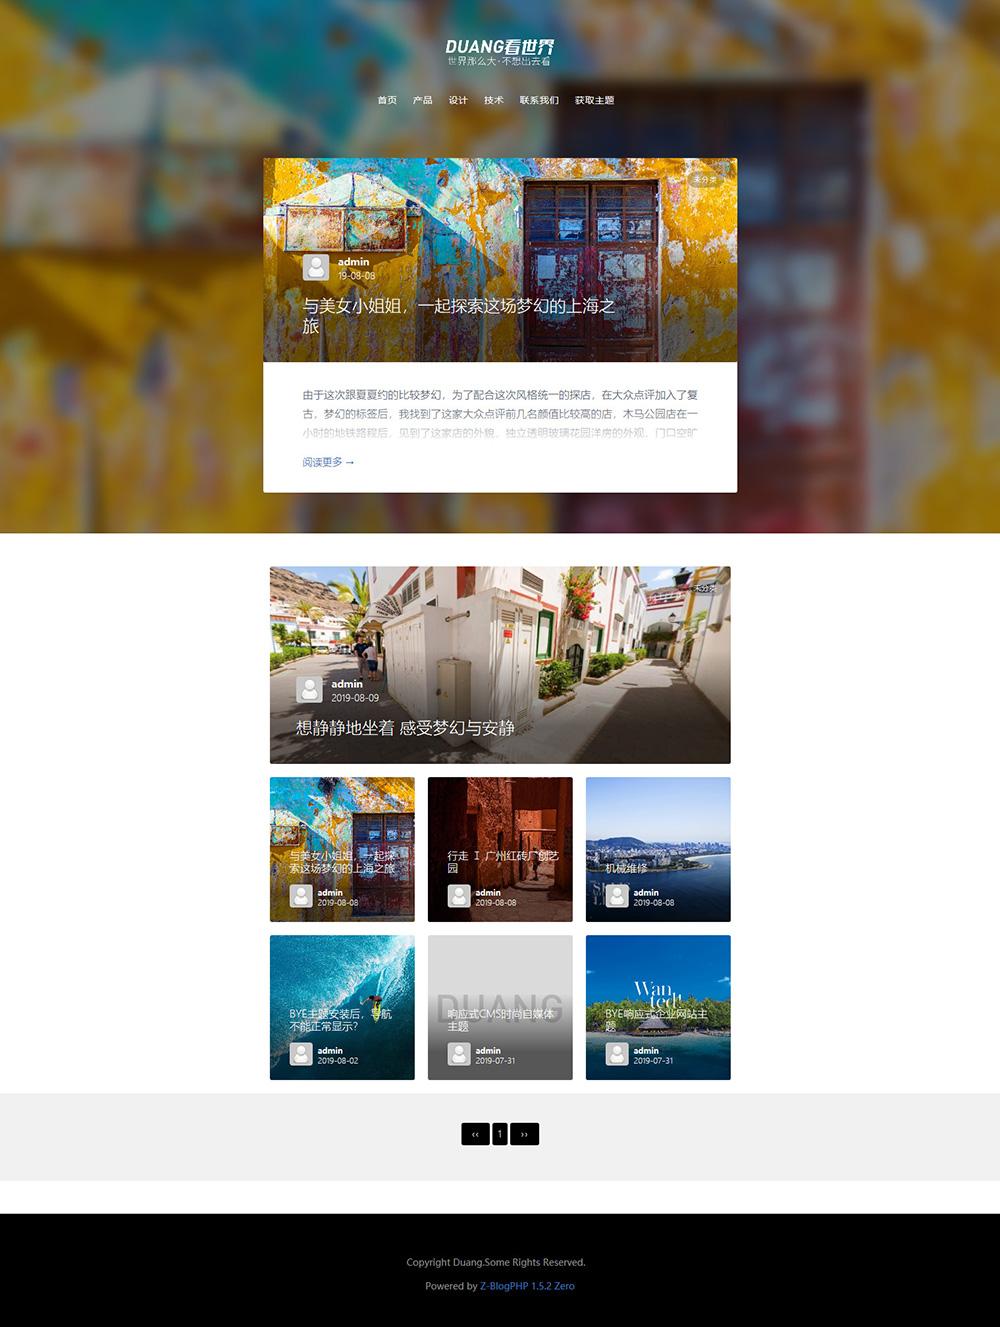 简洁优雅的免费zblog旅游博客主题Duang